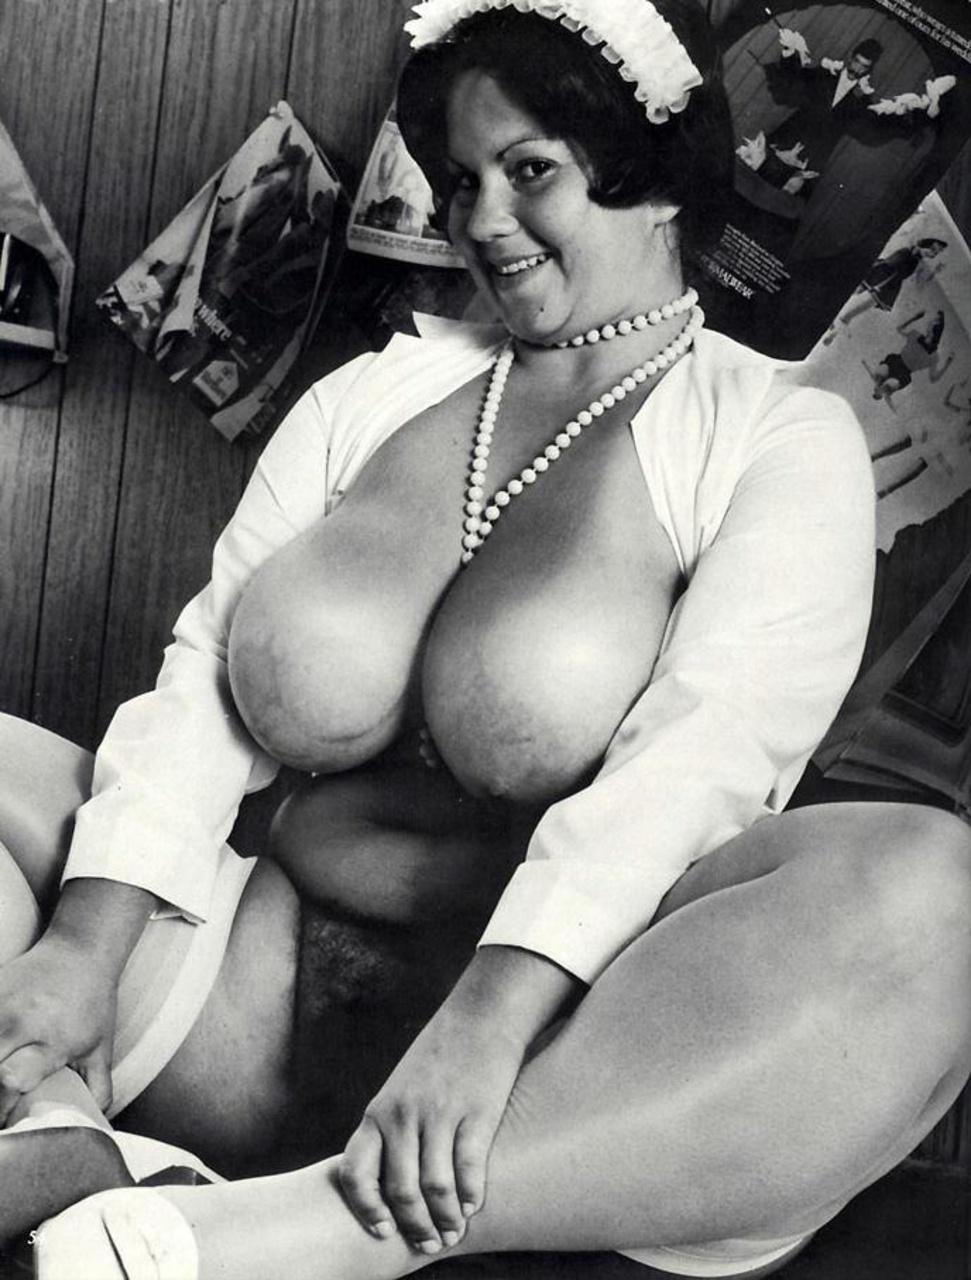 Смотреть эротику ретро грудь